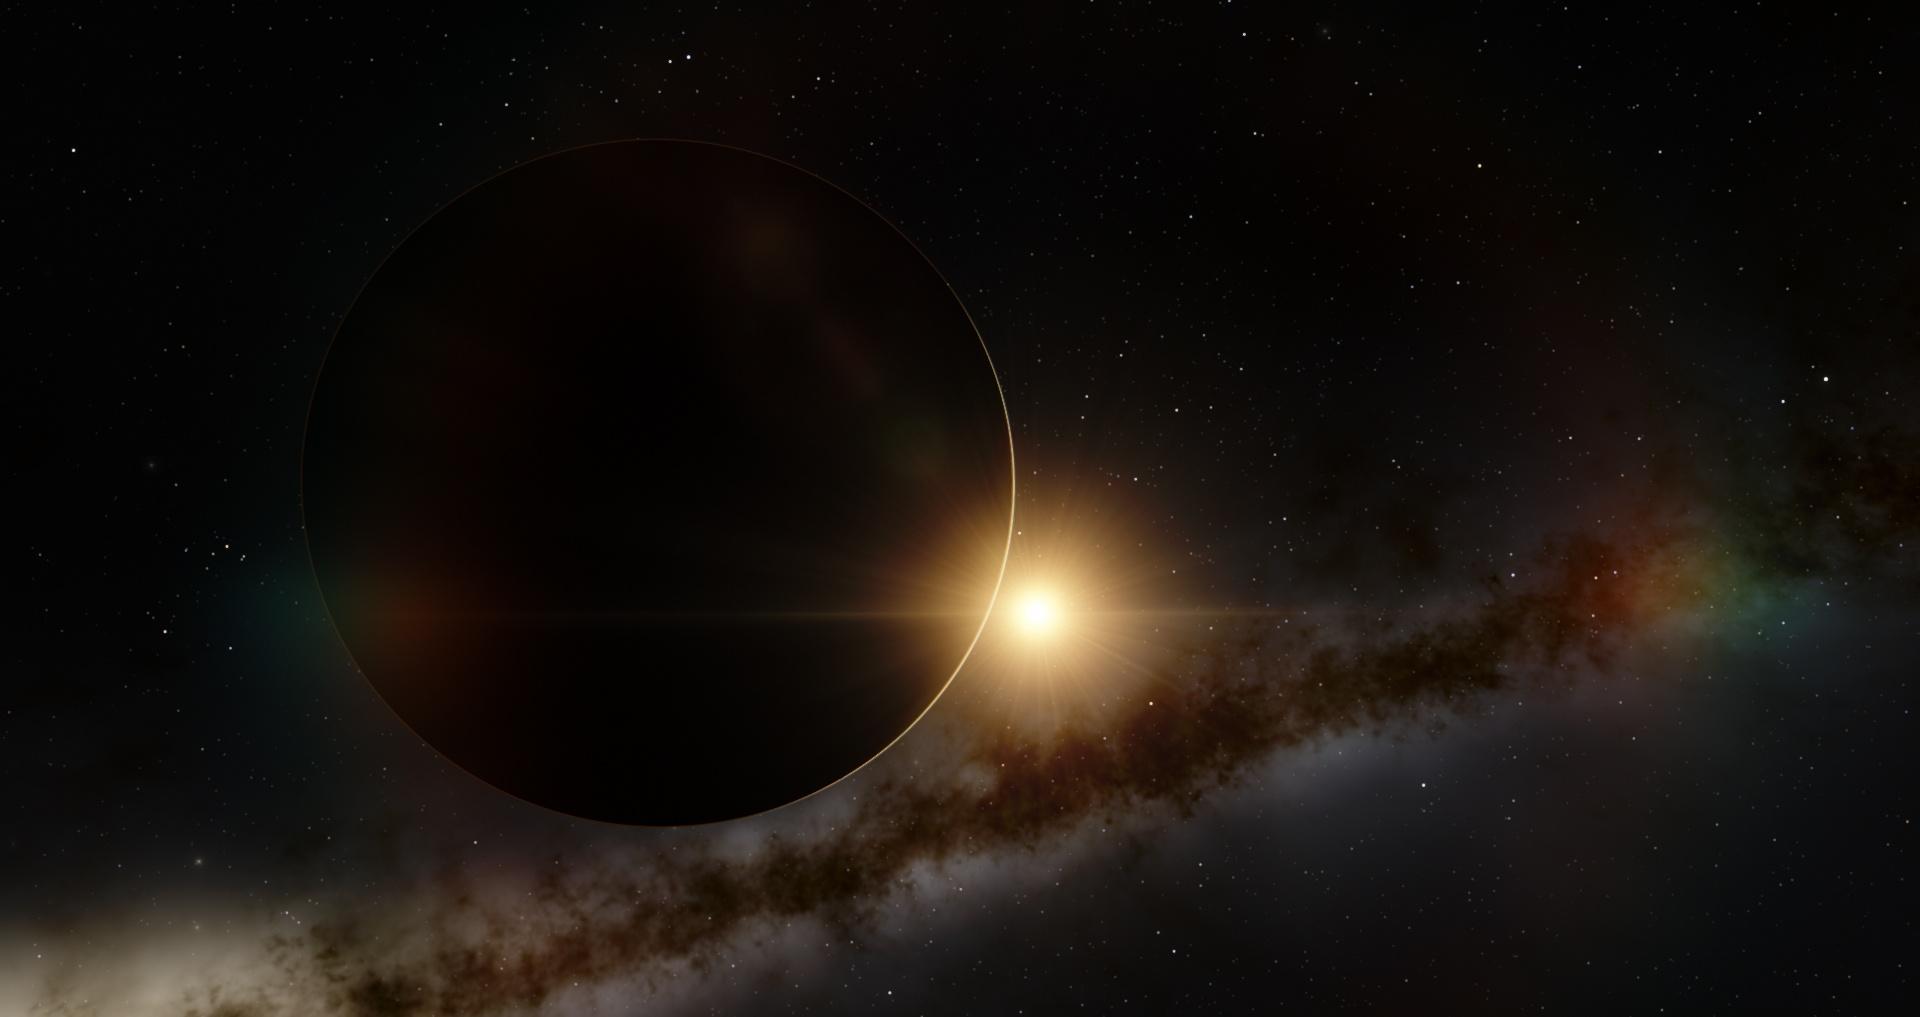 ดาวเคราะห์นอกระบบ Kepler-1229 b